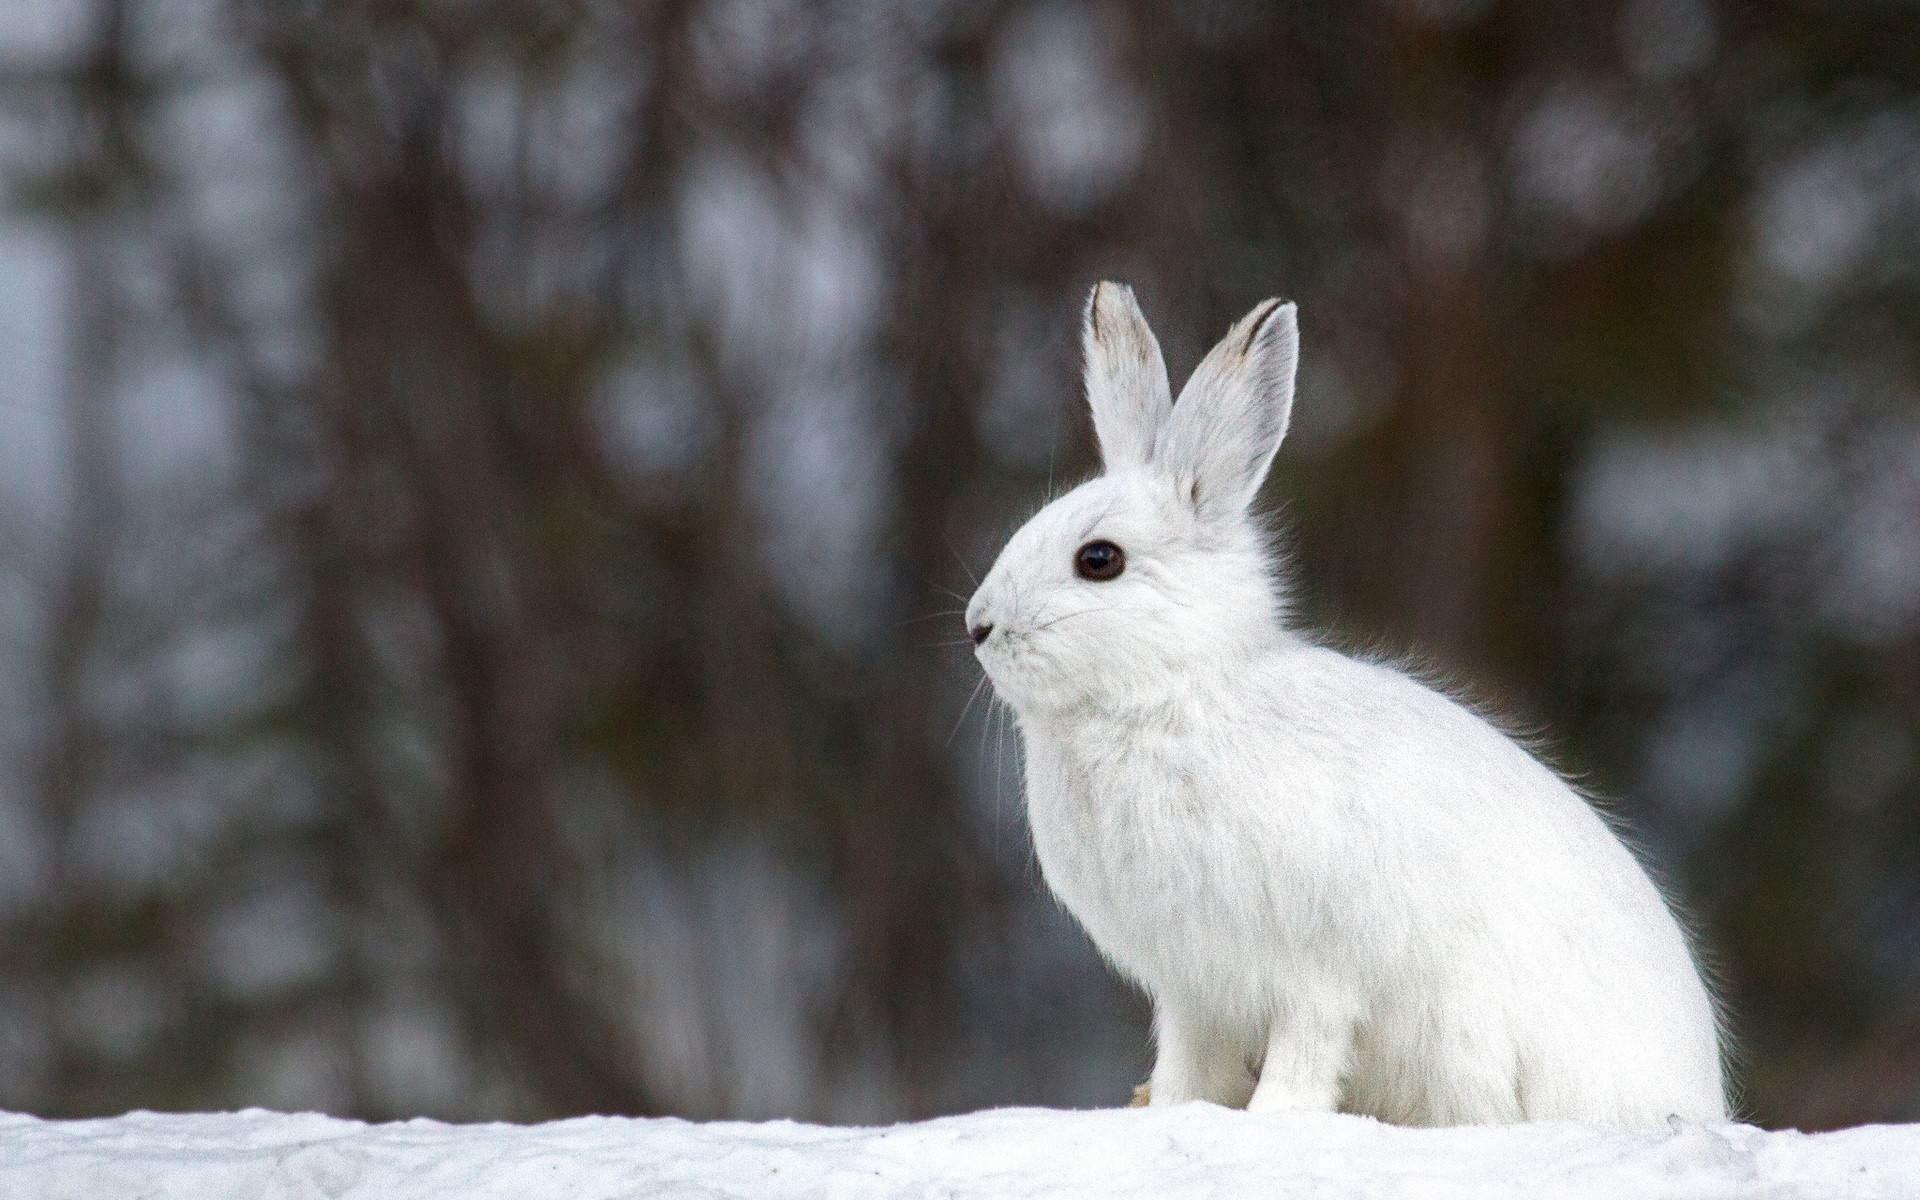 Ảnh con Thỏ dễ thương